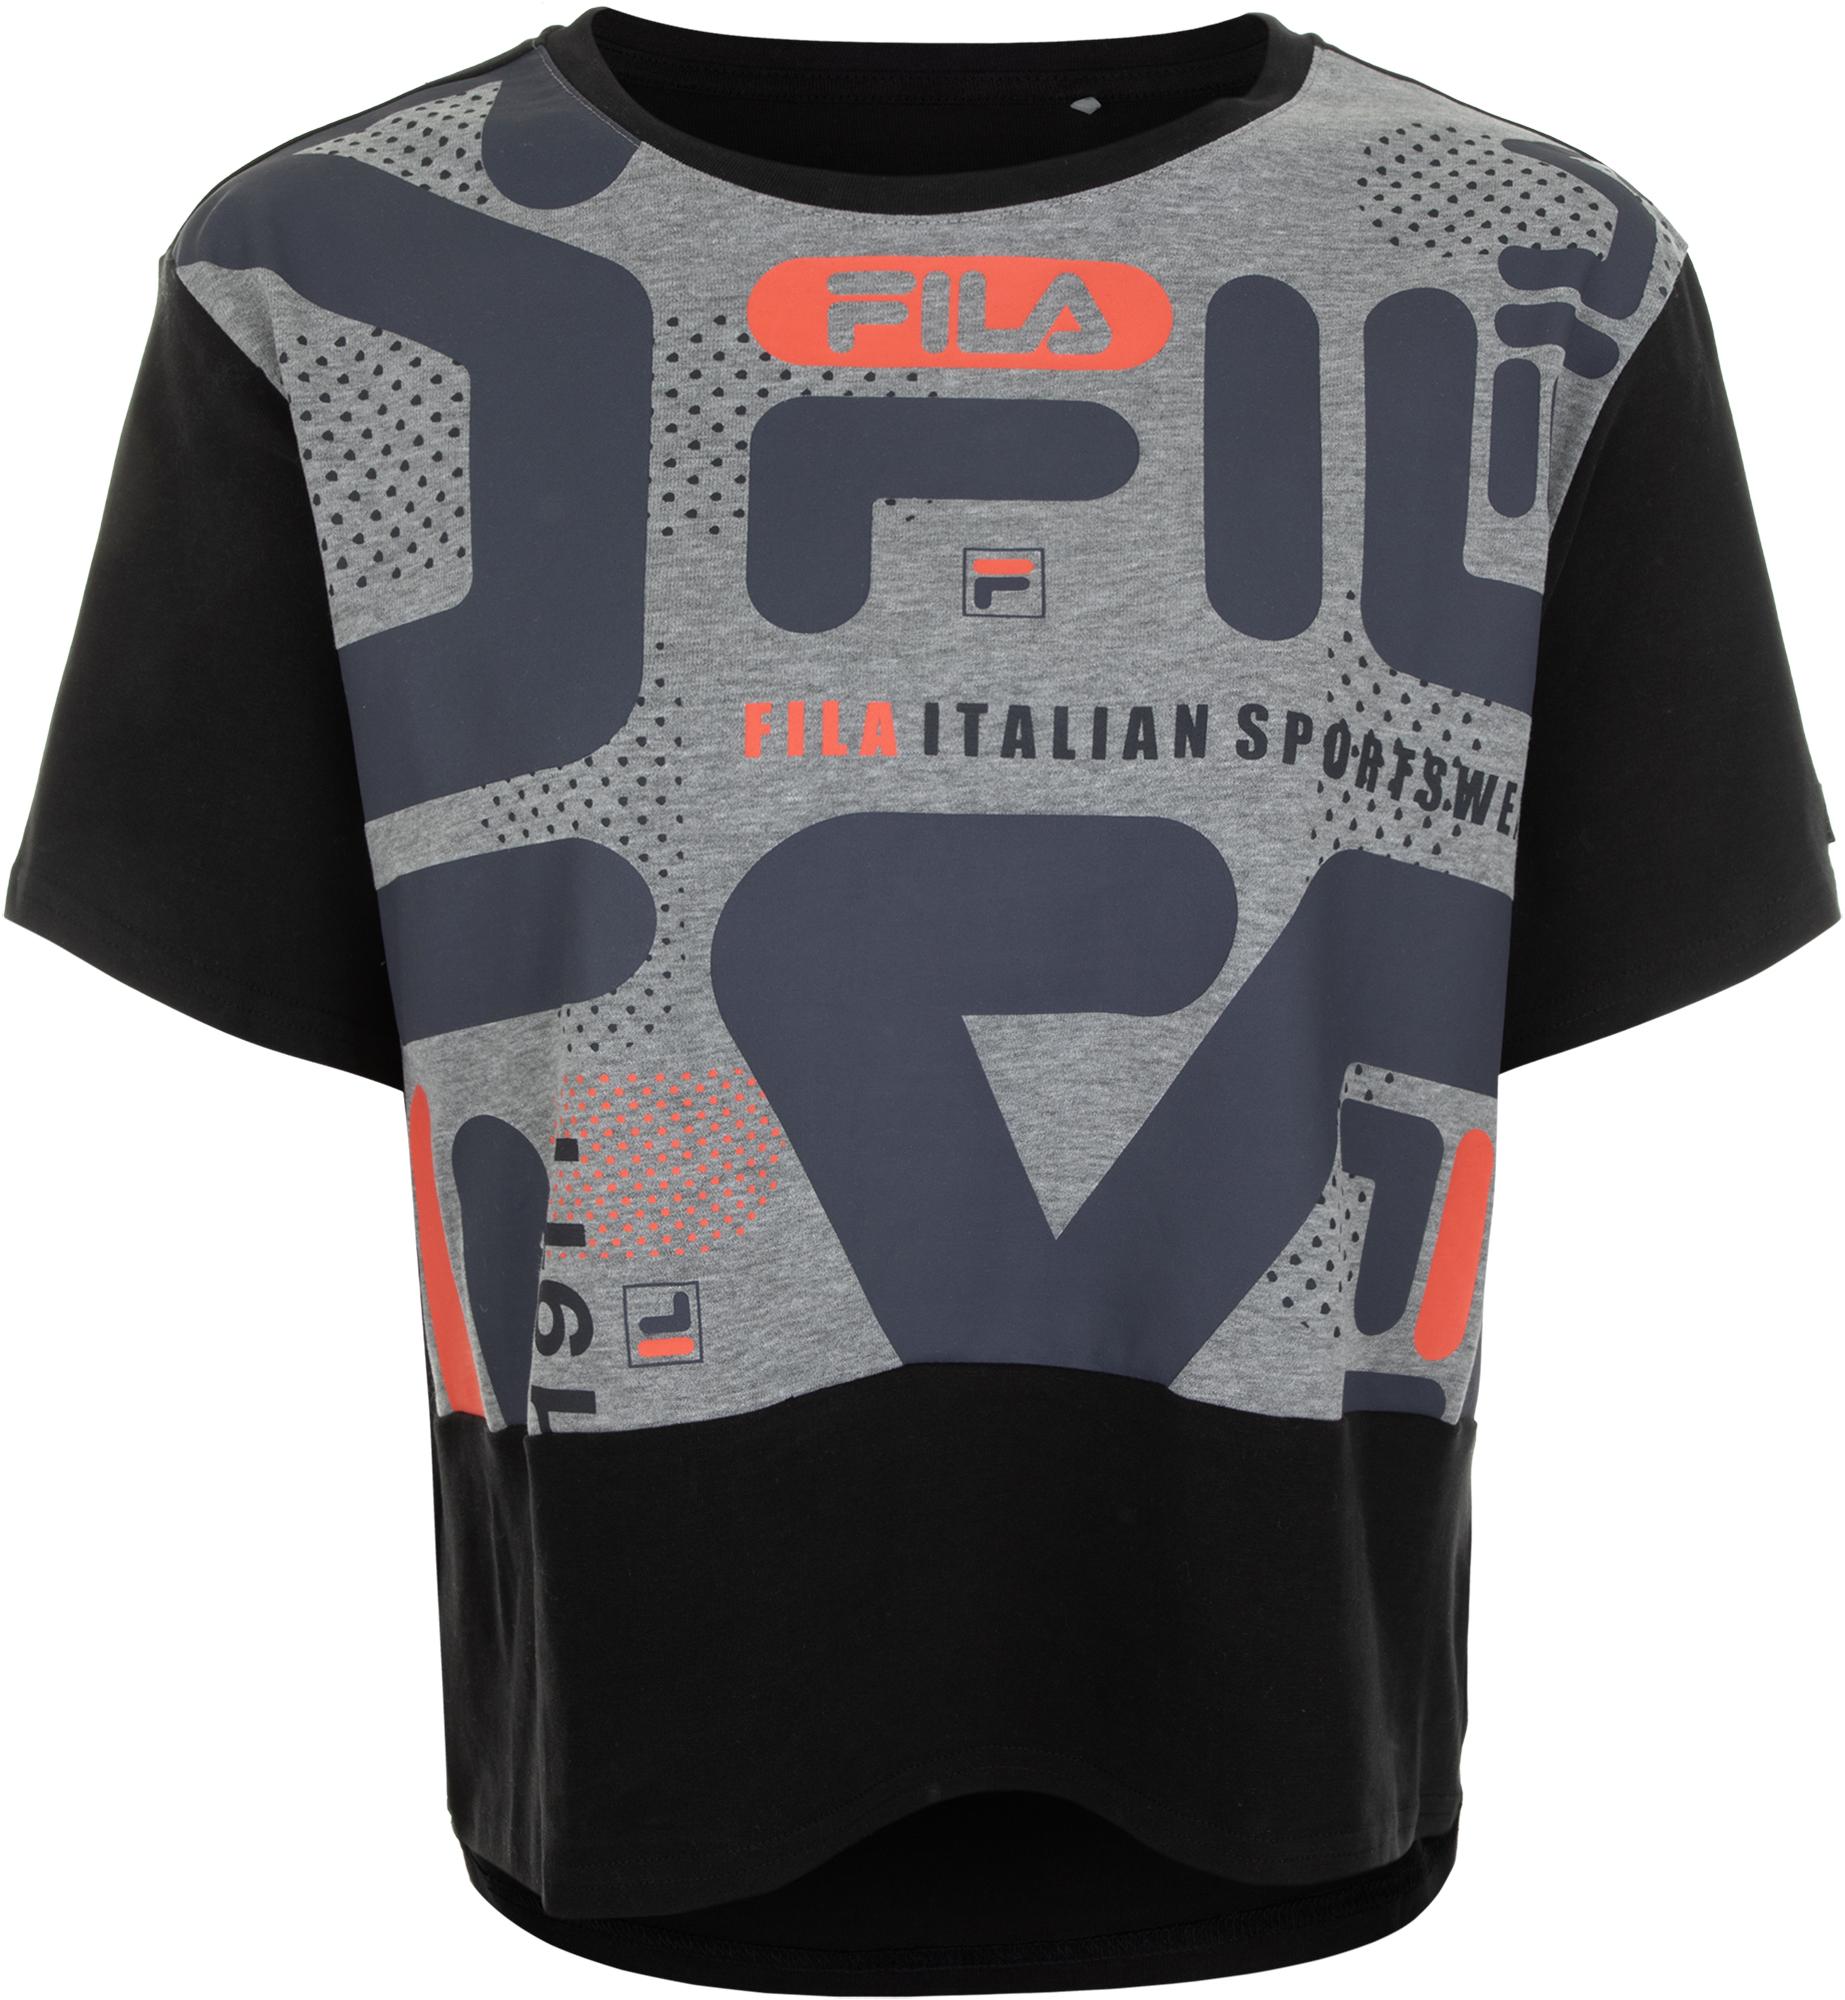 Fila Футболка женская Fila, размер 44 fila футболка с длинным рукавом женская fila размер 52